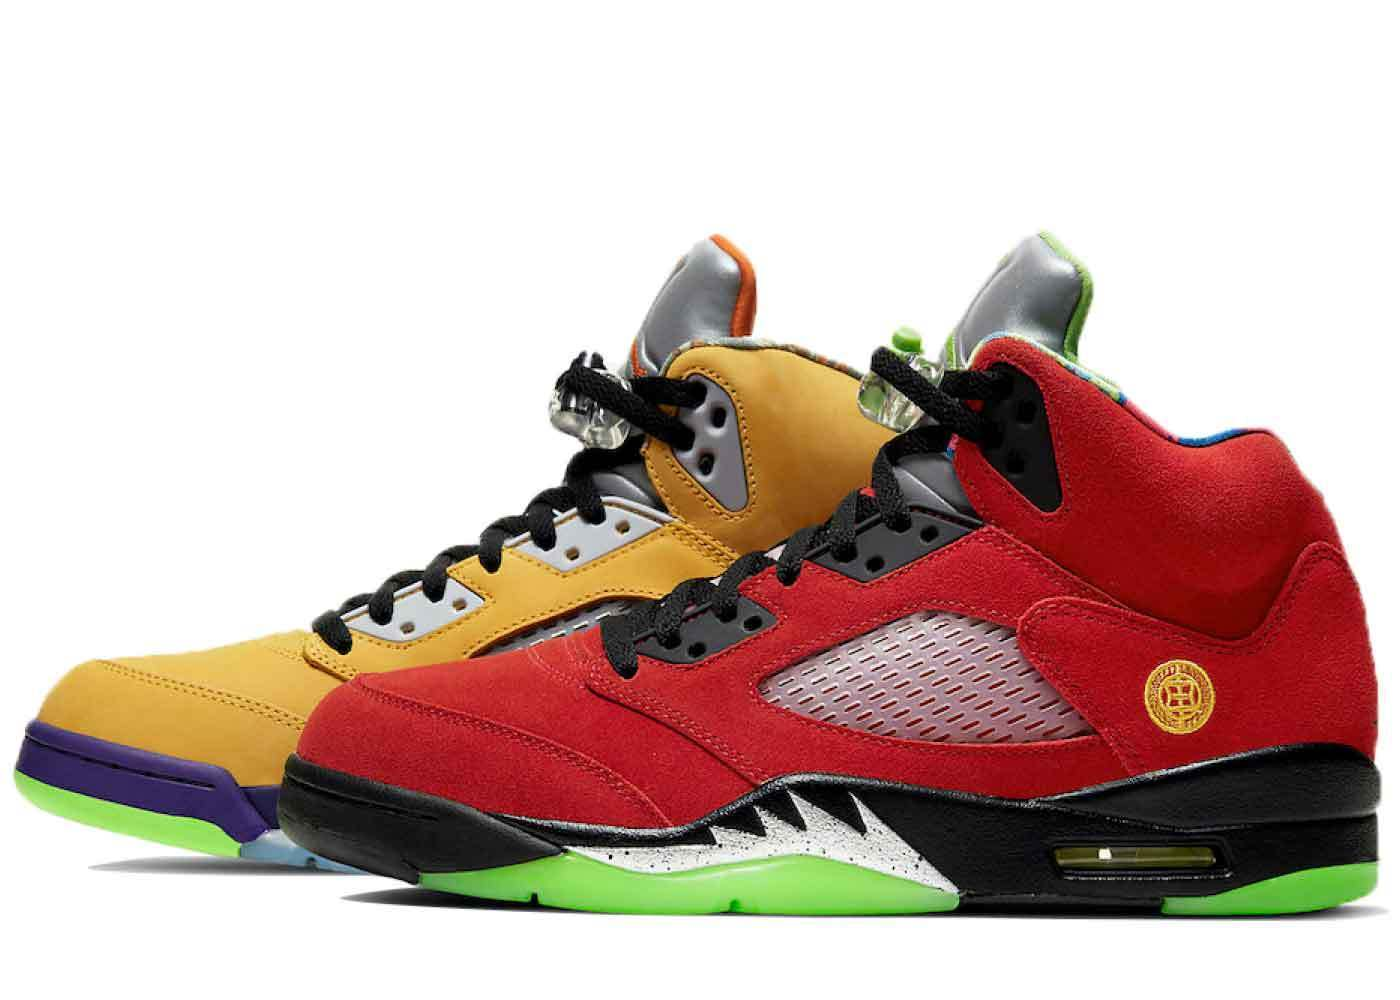 Nike Air Jordan 5 Retro What Theの写真